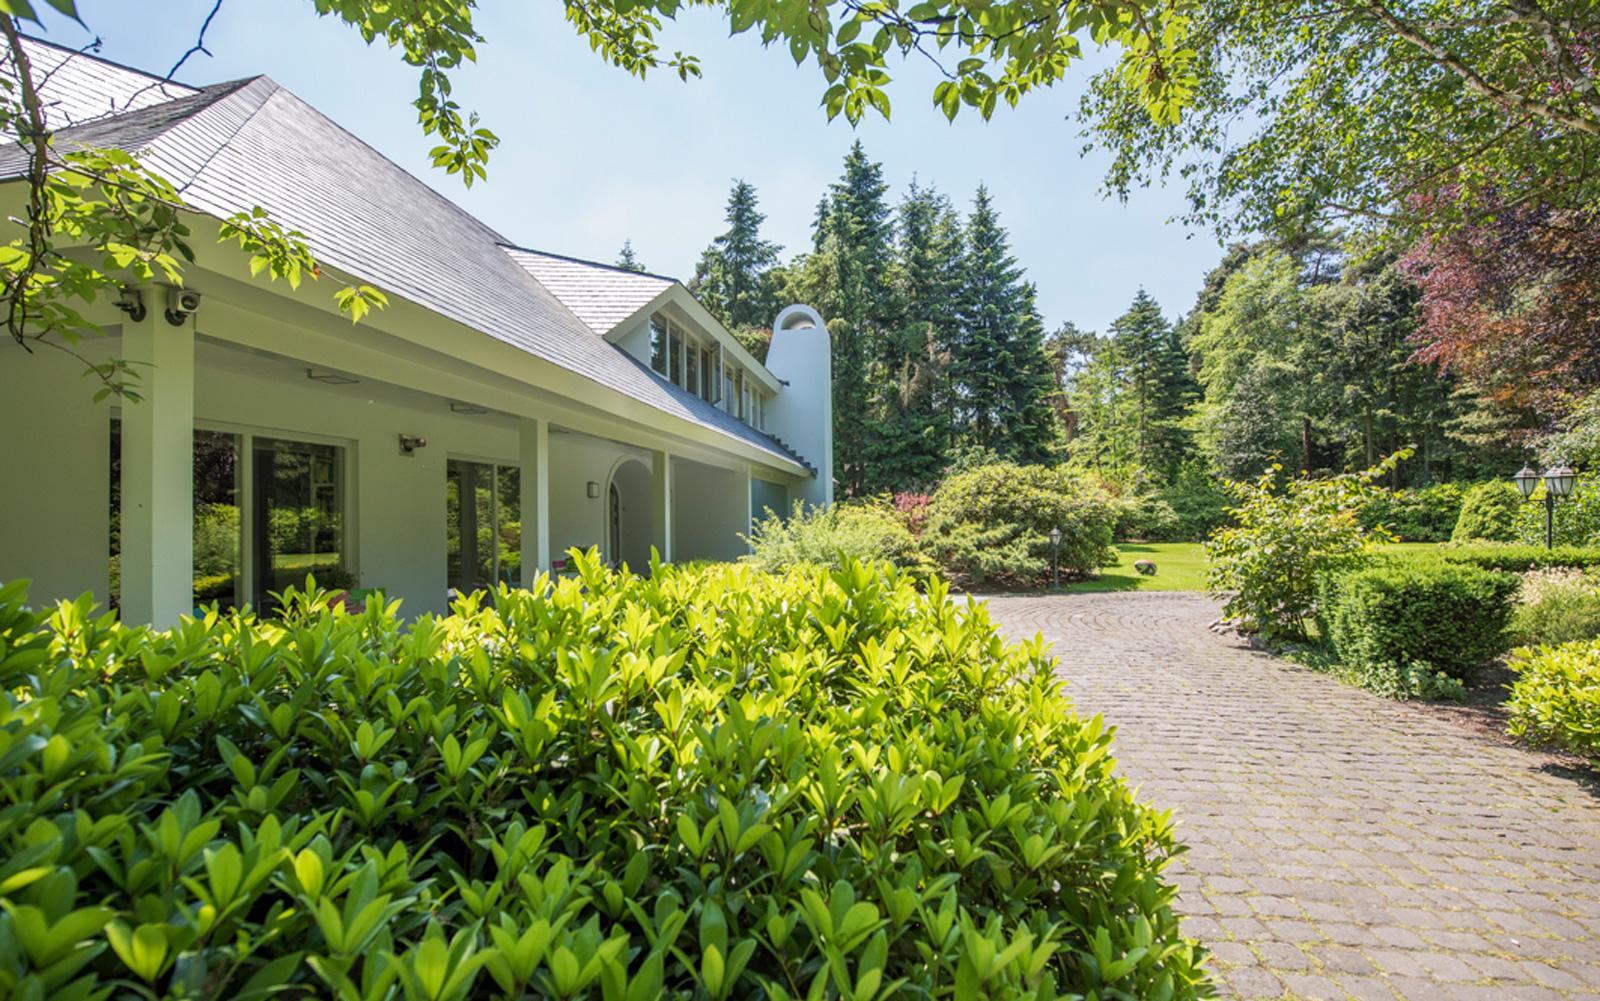 Interieuradvies en ontwerpbureau Nanne Schuiveling maakte deel uit van het team dat deze prachtige villa ontwierp.